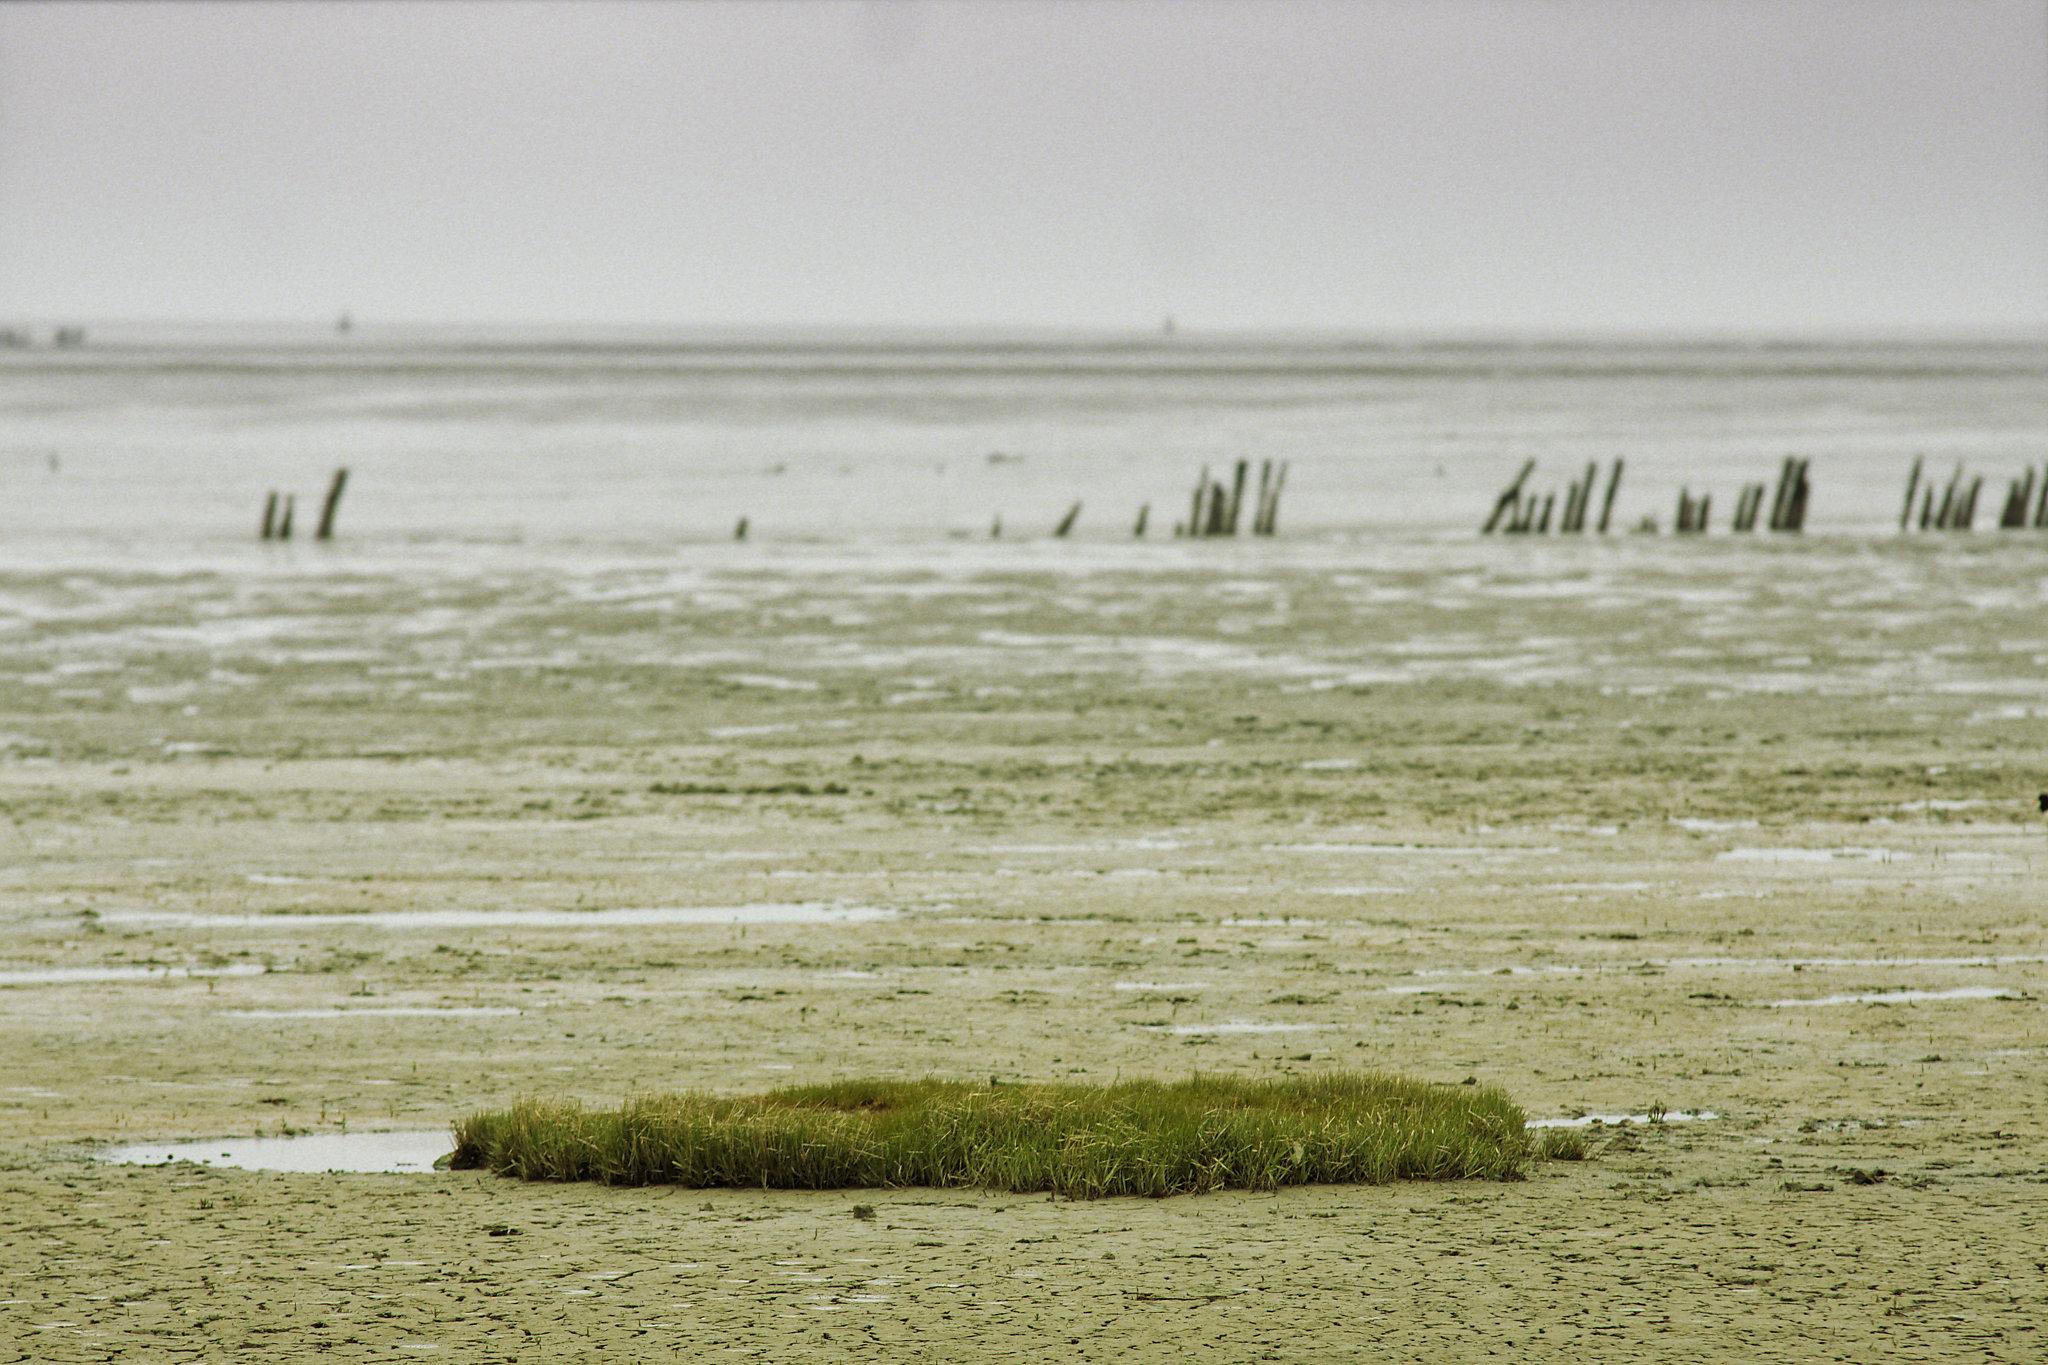 Urlaub in Friesland. Ein Blick ins friesische Watt. Im Vordergrund ist eine kleine Grasinsel zu sehen. Dahinter geht der Blick über fast zerstörte hölzerne Bunen in die graue Weite.